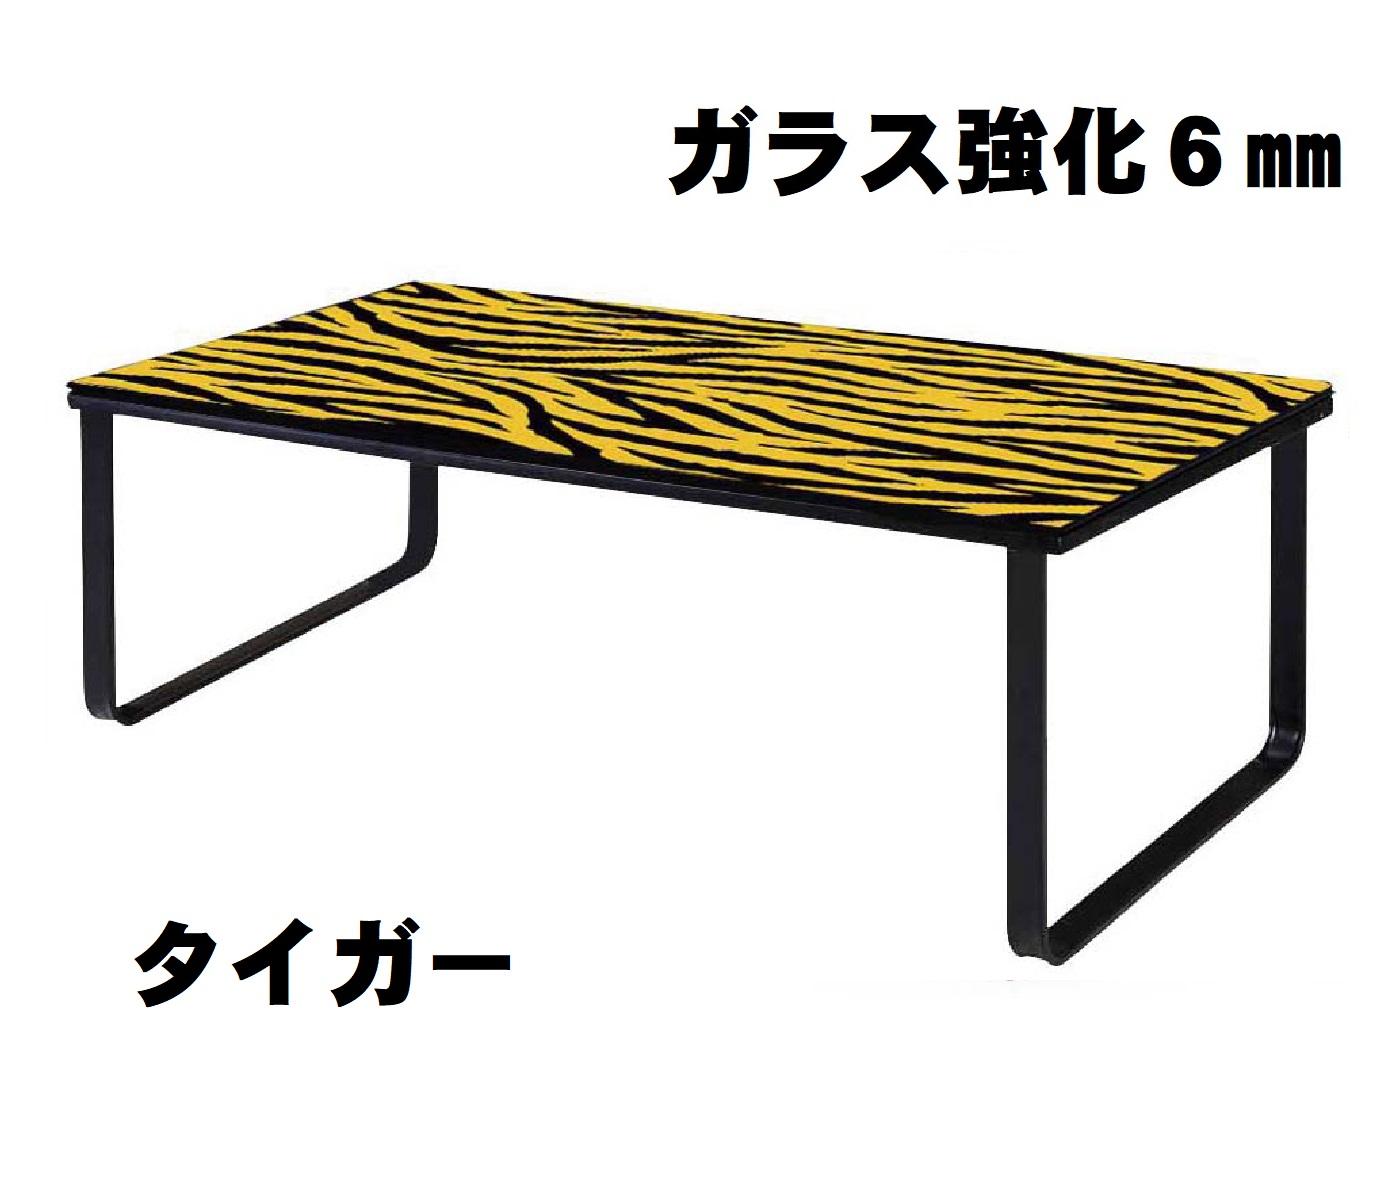 【送料無料】タイガー 虎柄 横幅 100 cm ガラステーブル 6mm 強化ガラス センターテーブル リビング 洋室 ブラック コンパクト トラ とら 黄色  北欧 モダン 洋室 収納 リビングテーブル ローテーブル  家具 通販